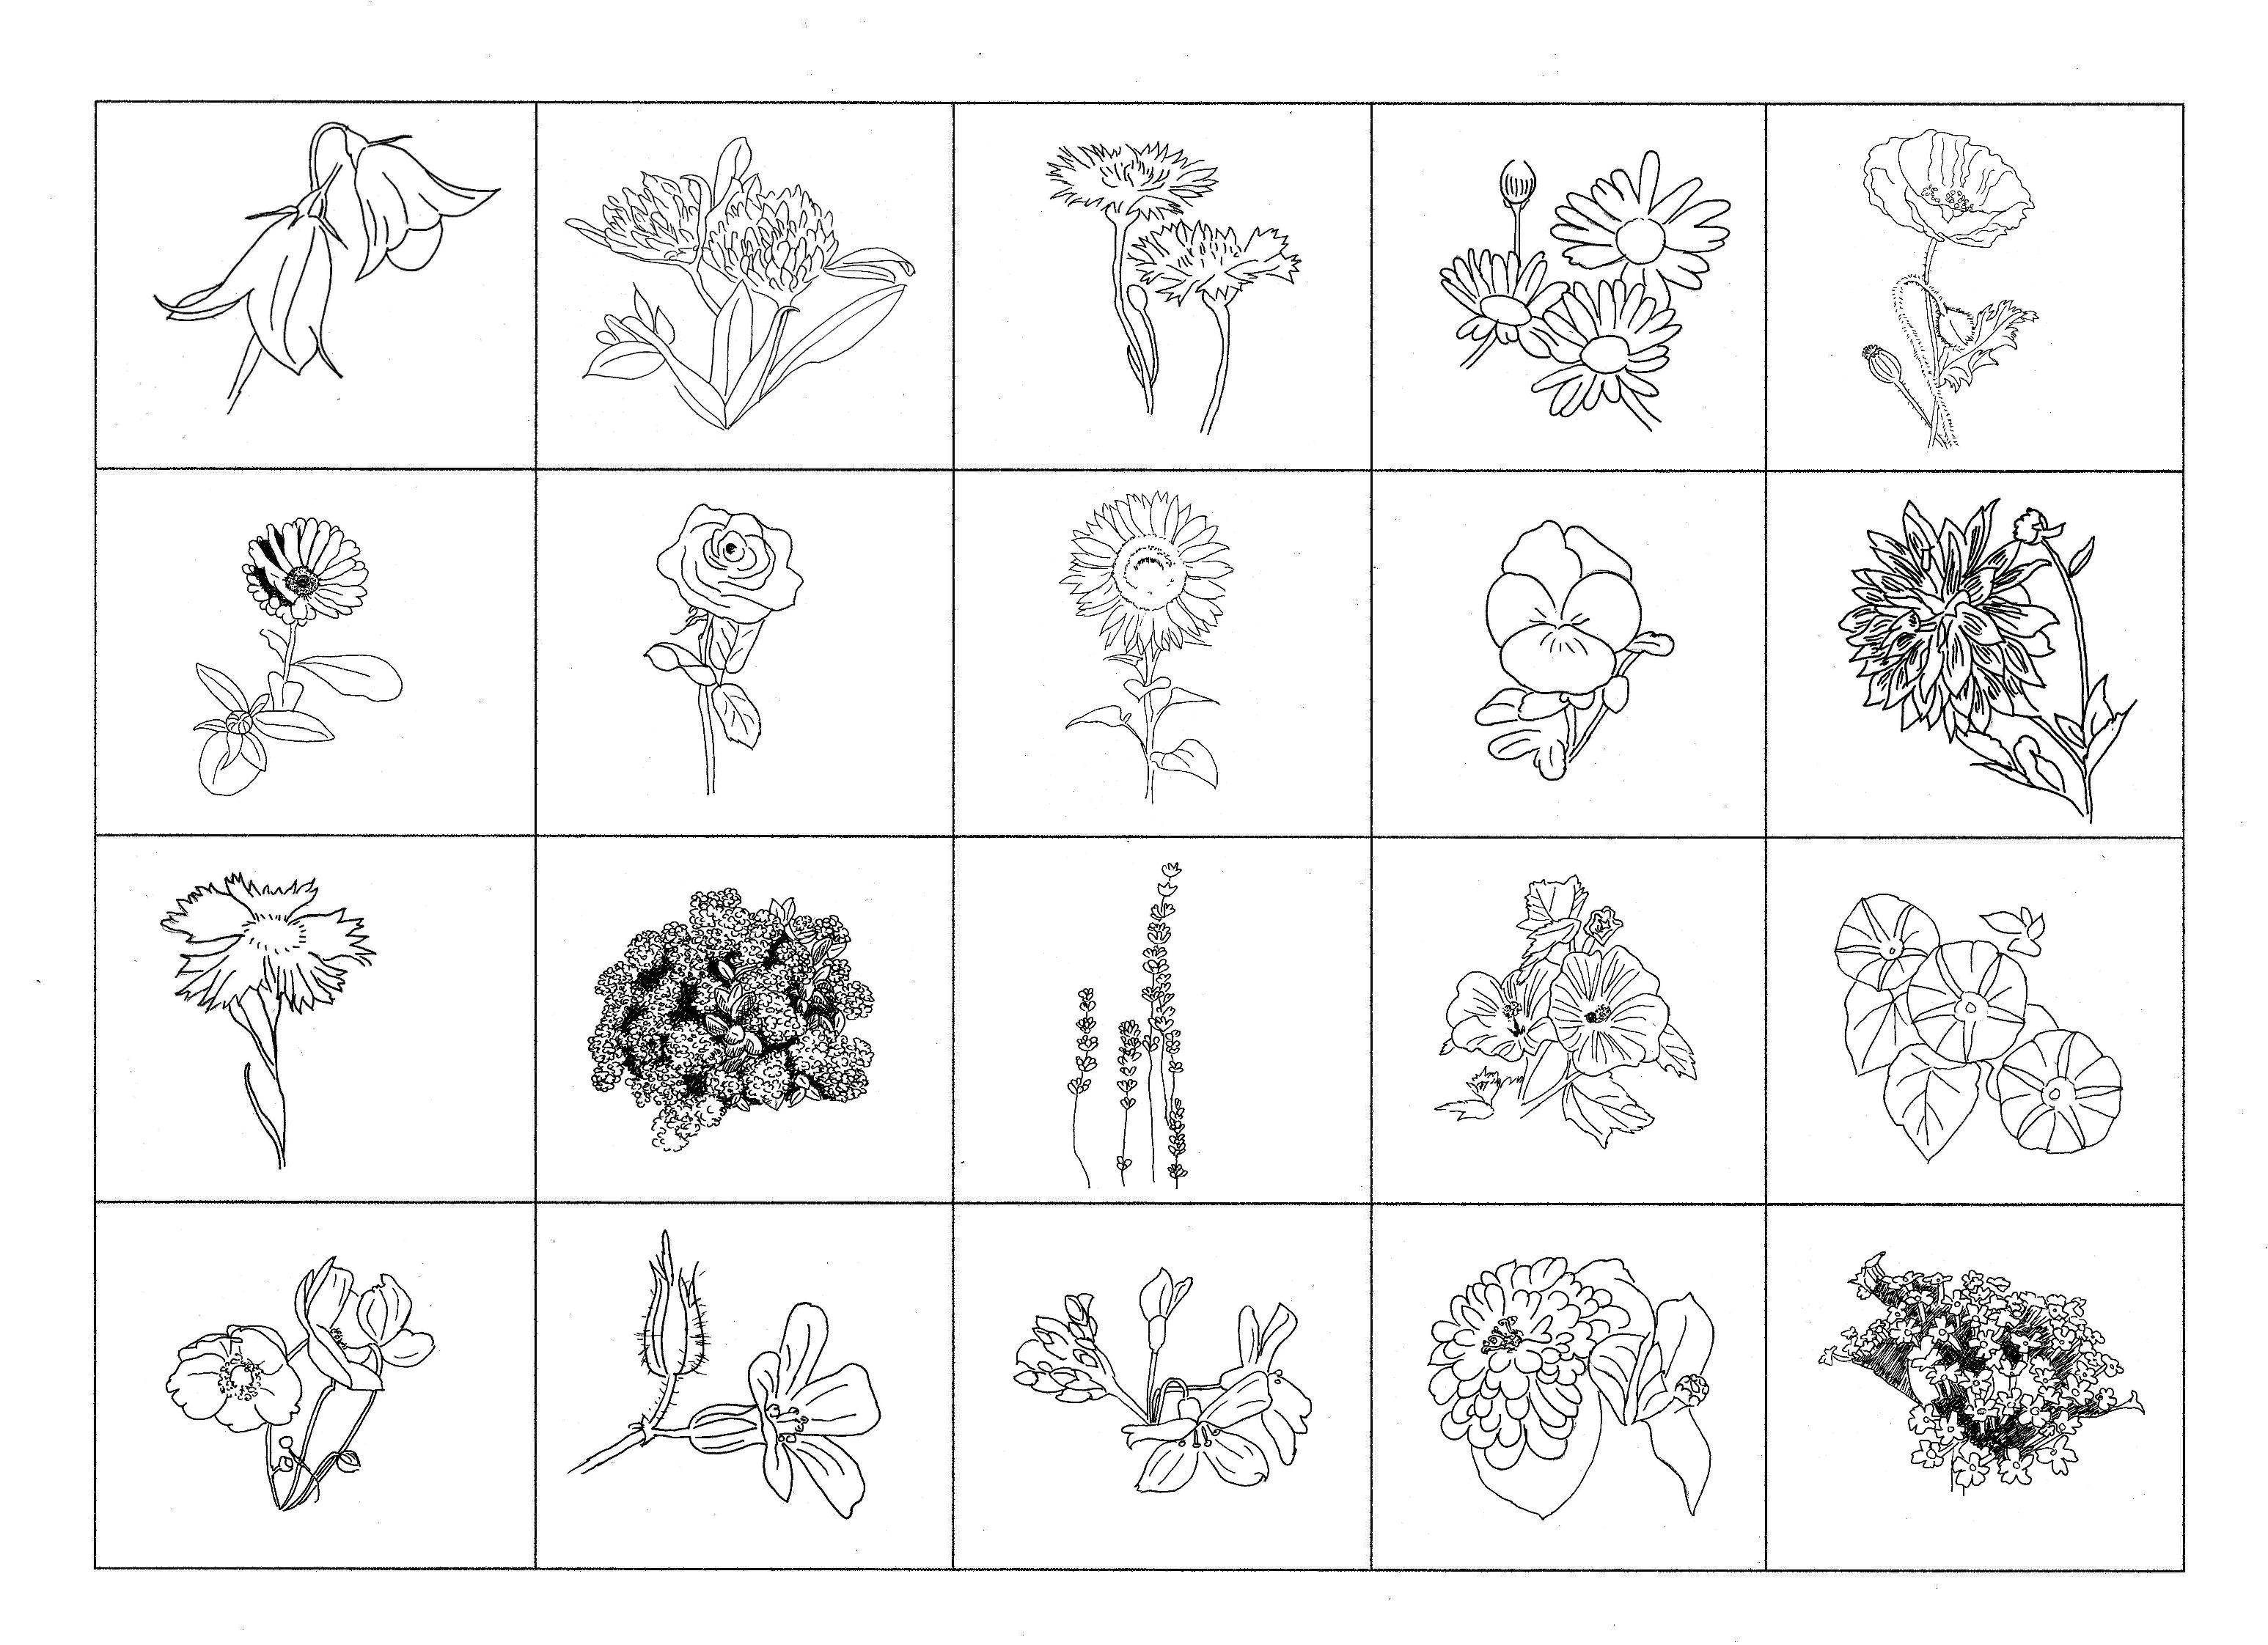 Ungewöhnlich Blume Anatomie Arbeitsblatt Ideen - Menschliche ...